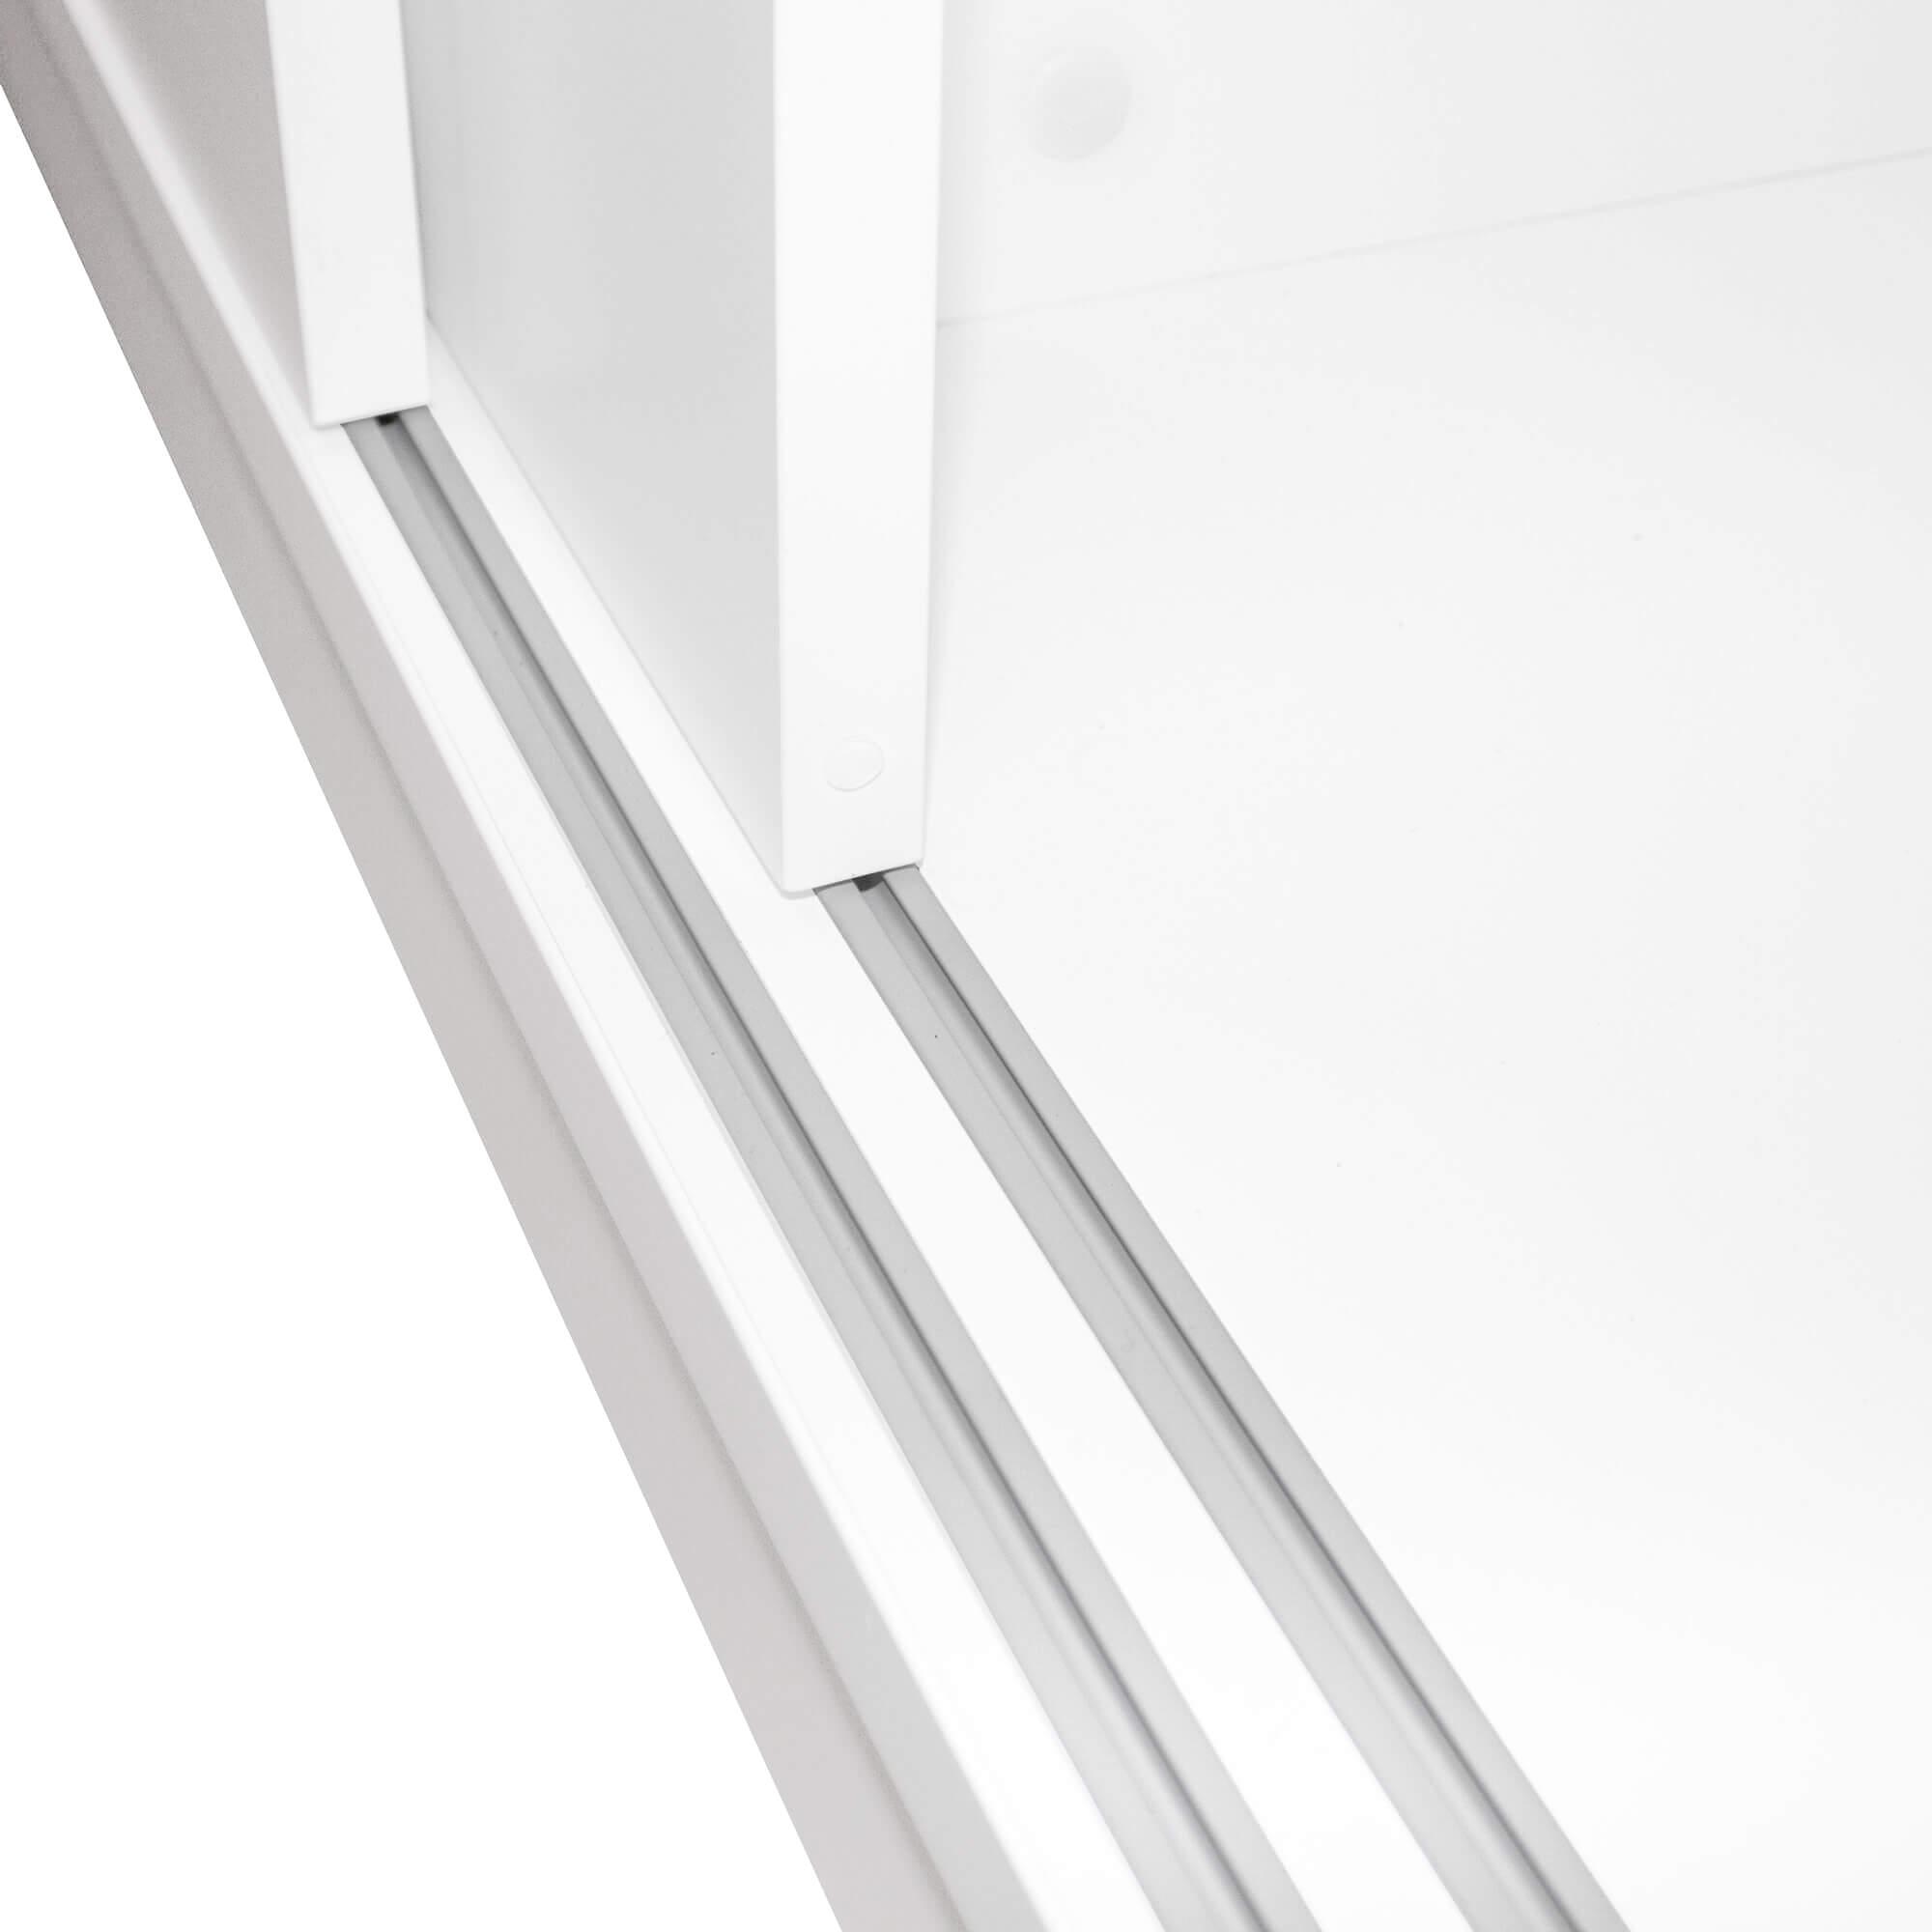 Schiebetürenschrank für Gruppenarbeitsplatz NOVA 2OH 1640 x 400 mm in Weiß